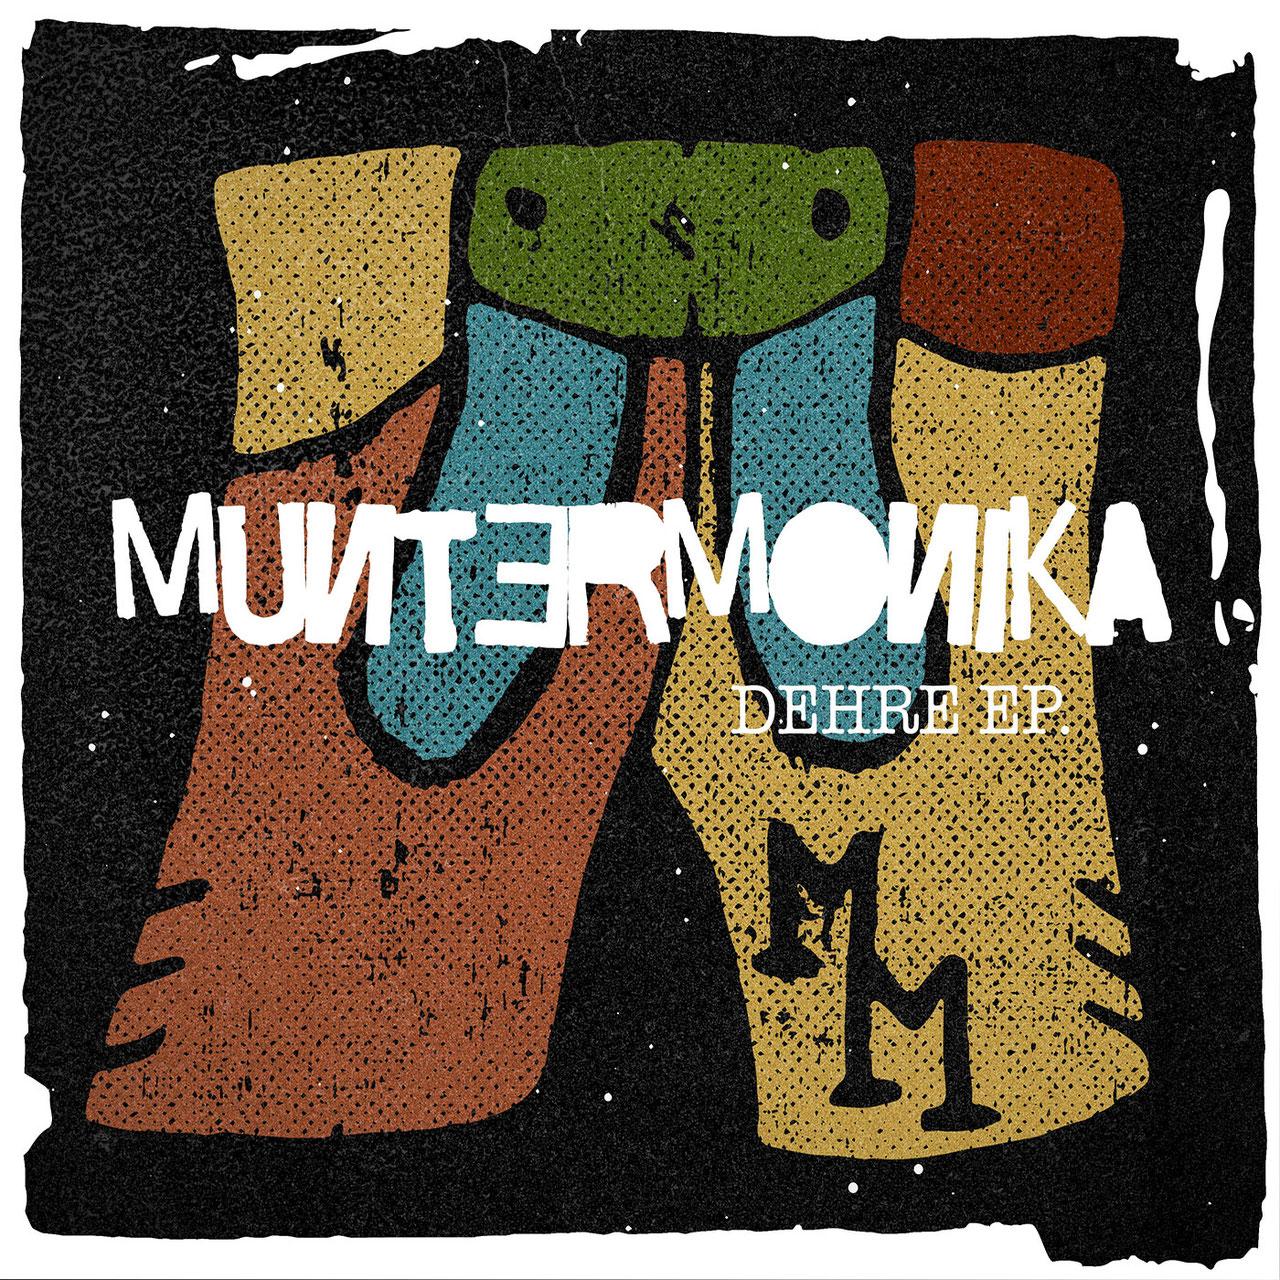 Muntermonika - Dhere EP - 1480418874s Webseite!